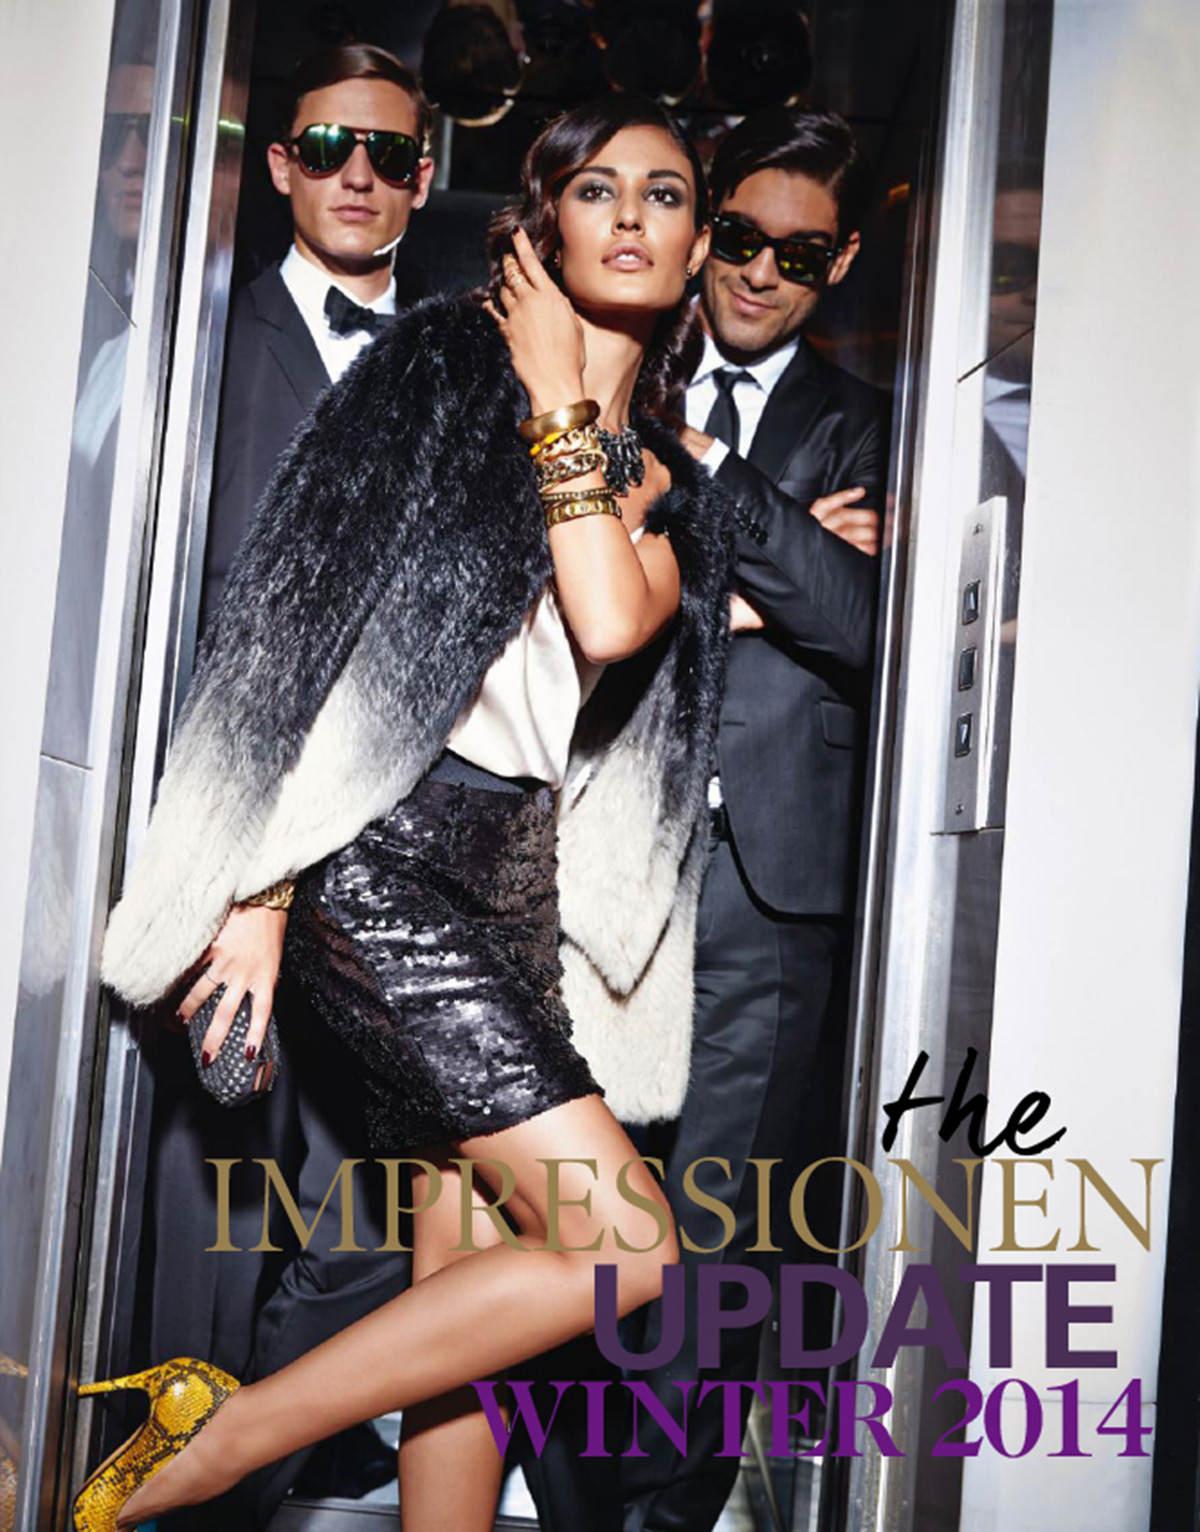 Das Neue Impressionen Cover Vom Update Katalog Winter 2014 Ina